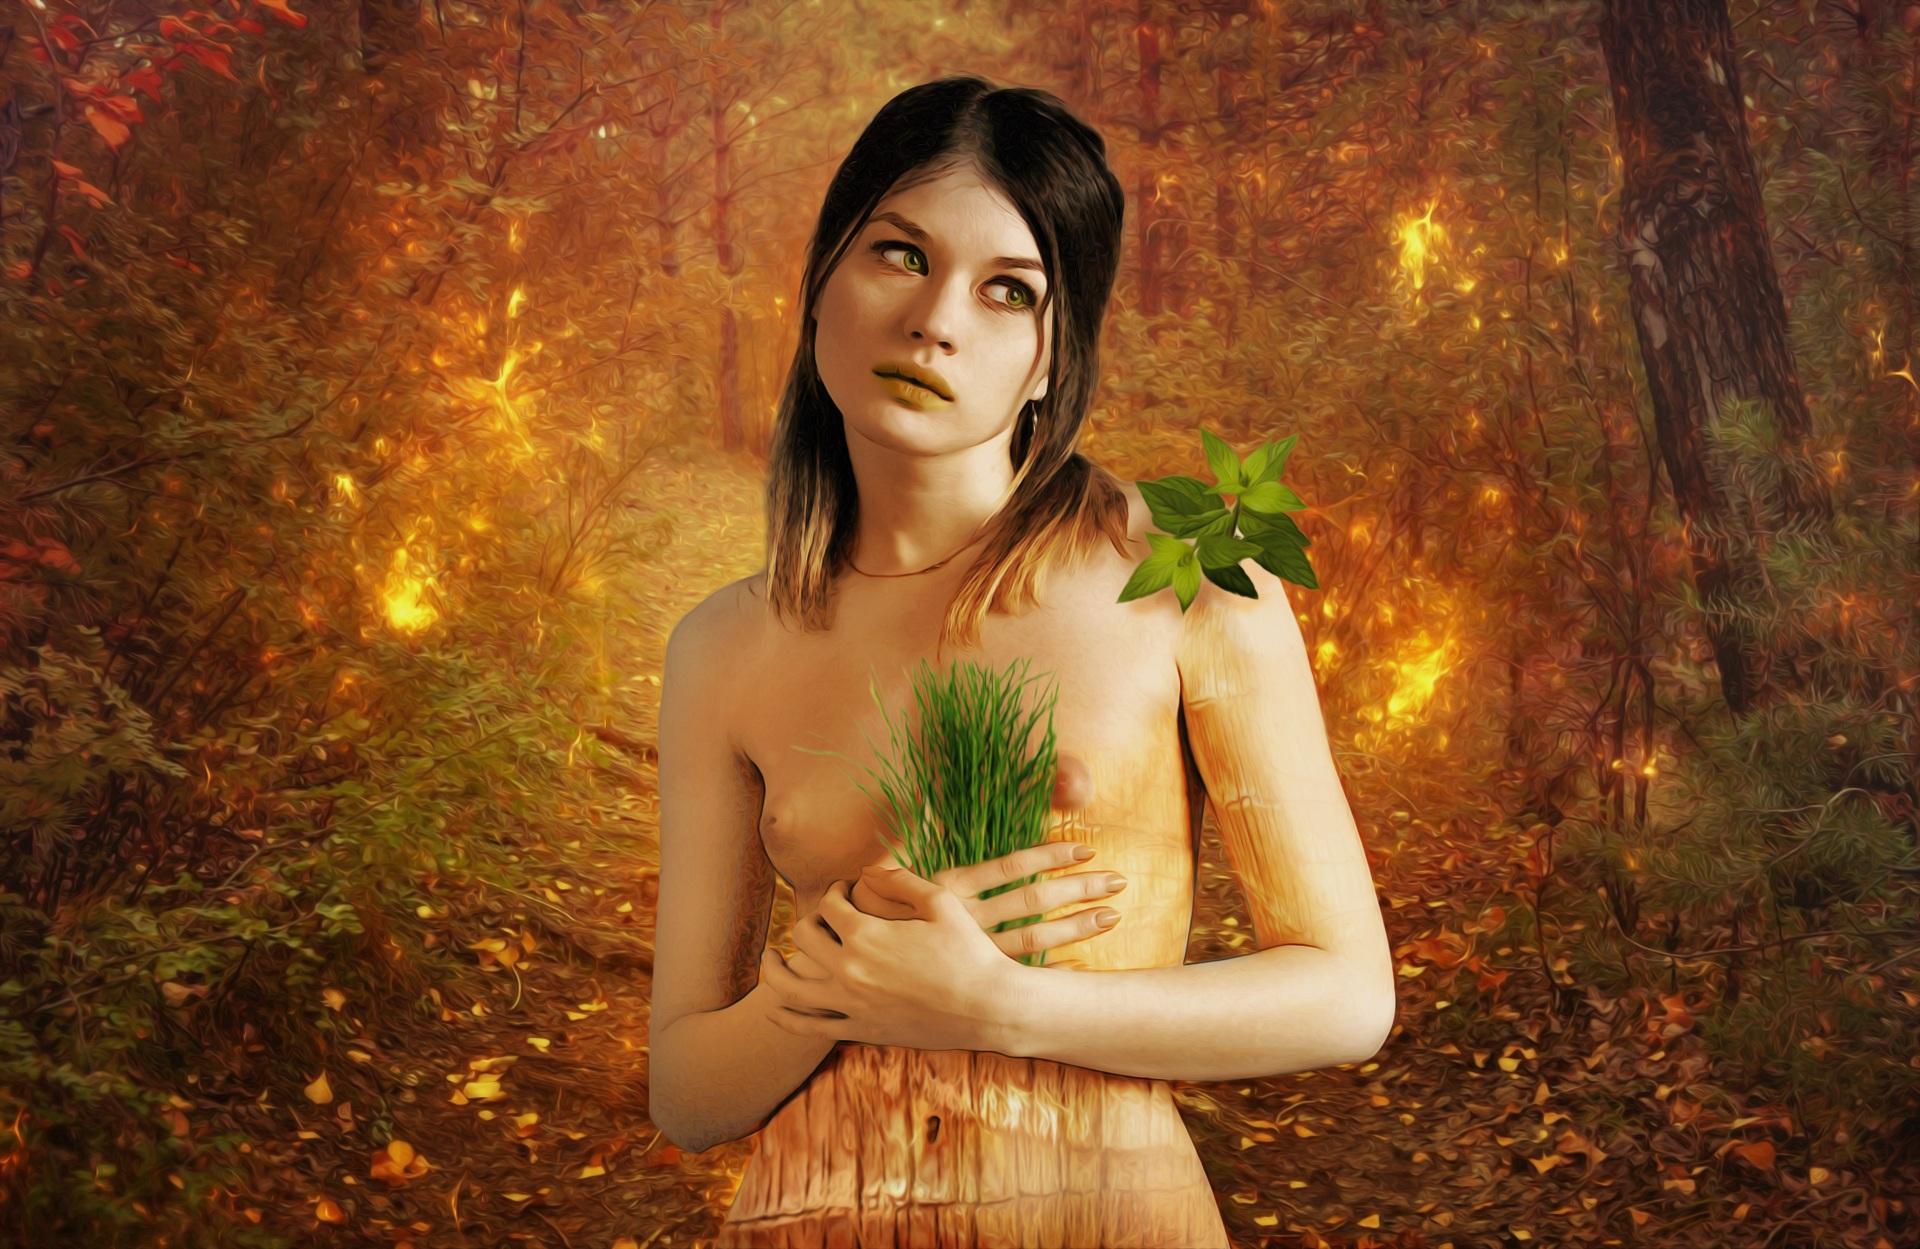 Free Images Forest Grass Girl Sunlight Dark Female